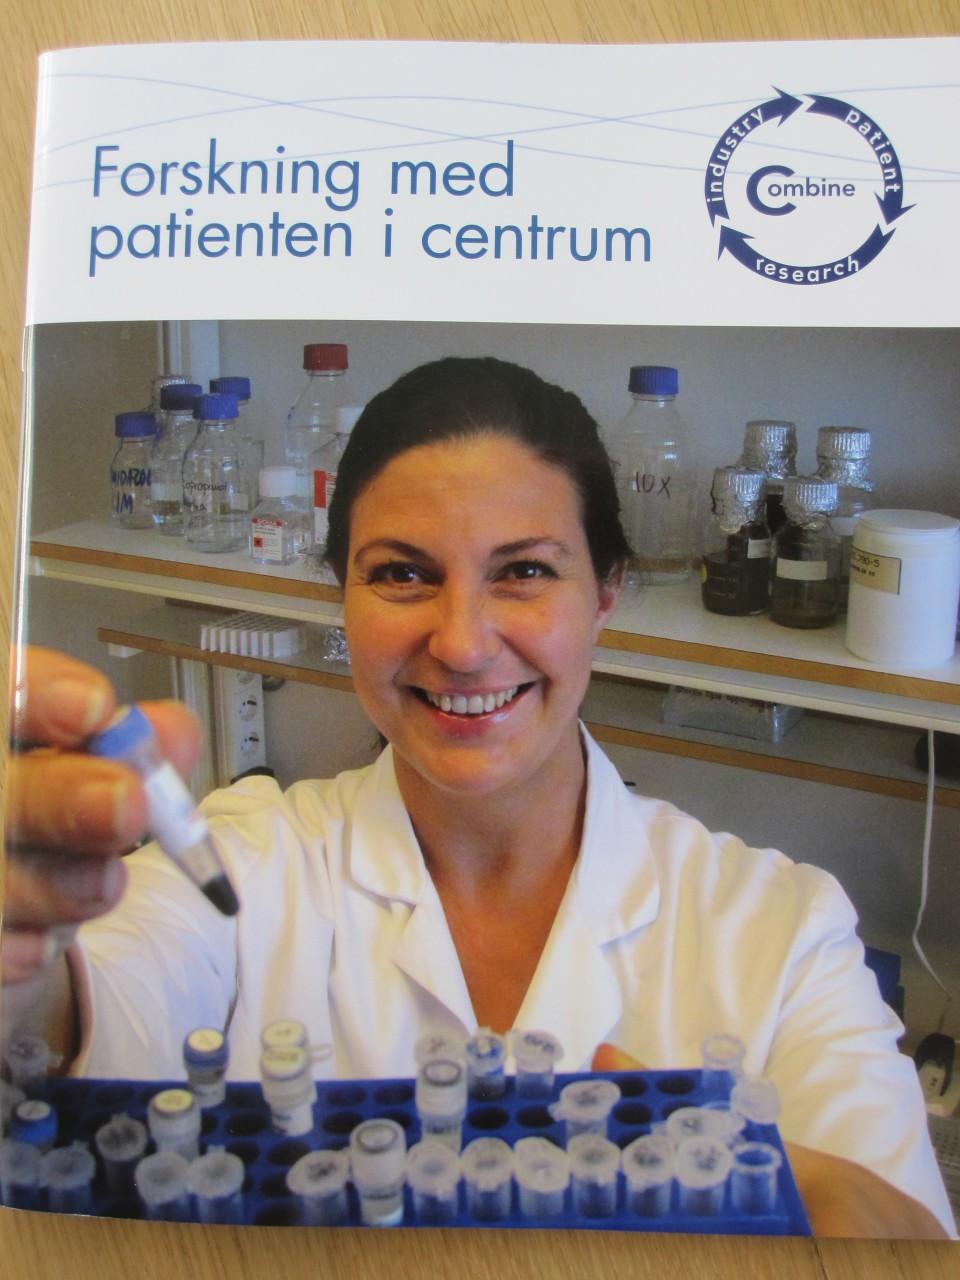 Forskning med patienten i centrum